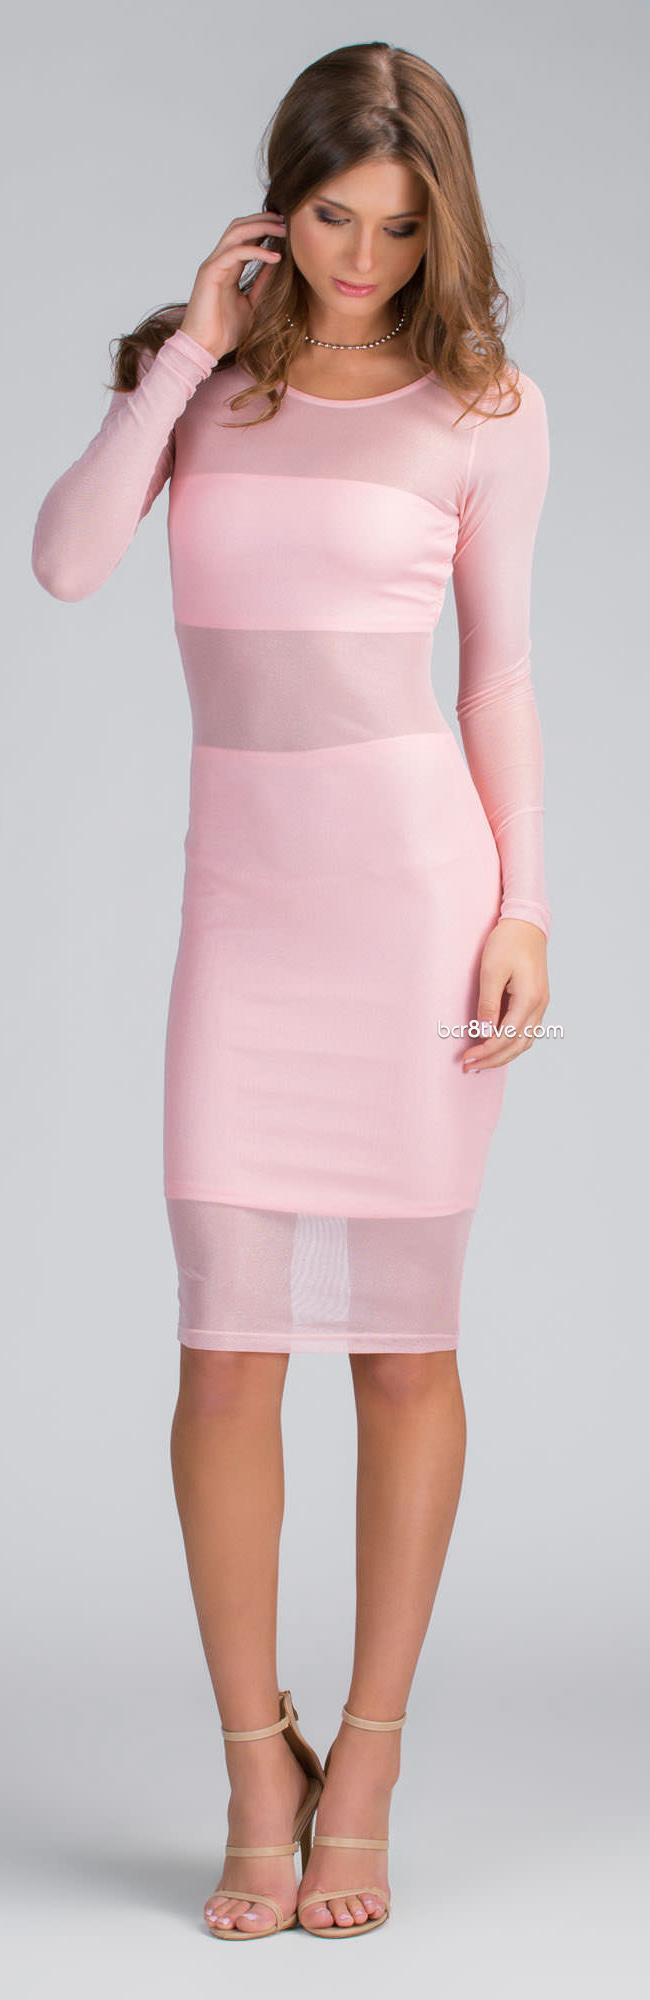 Hermosa Vestido De Fiesta Loralie Componente - Colección de Vestidos ...